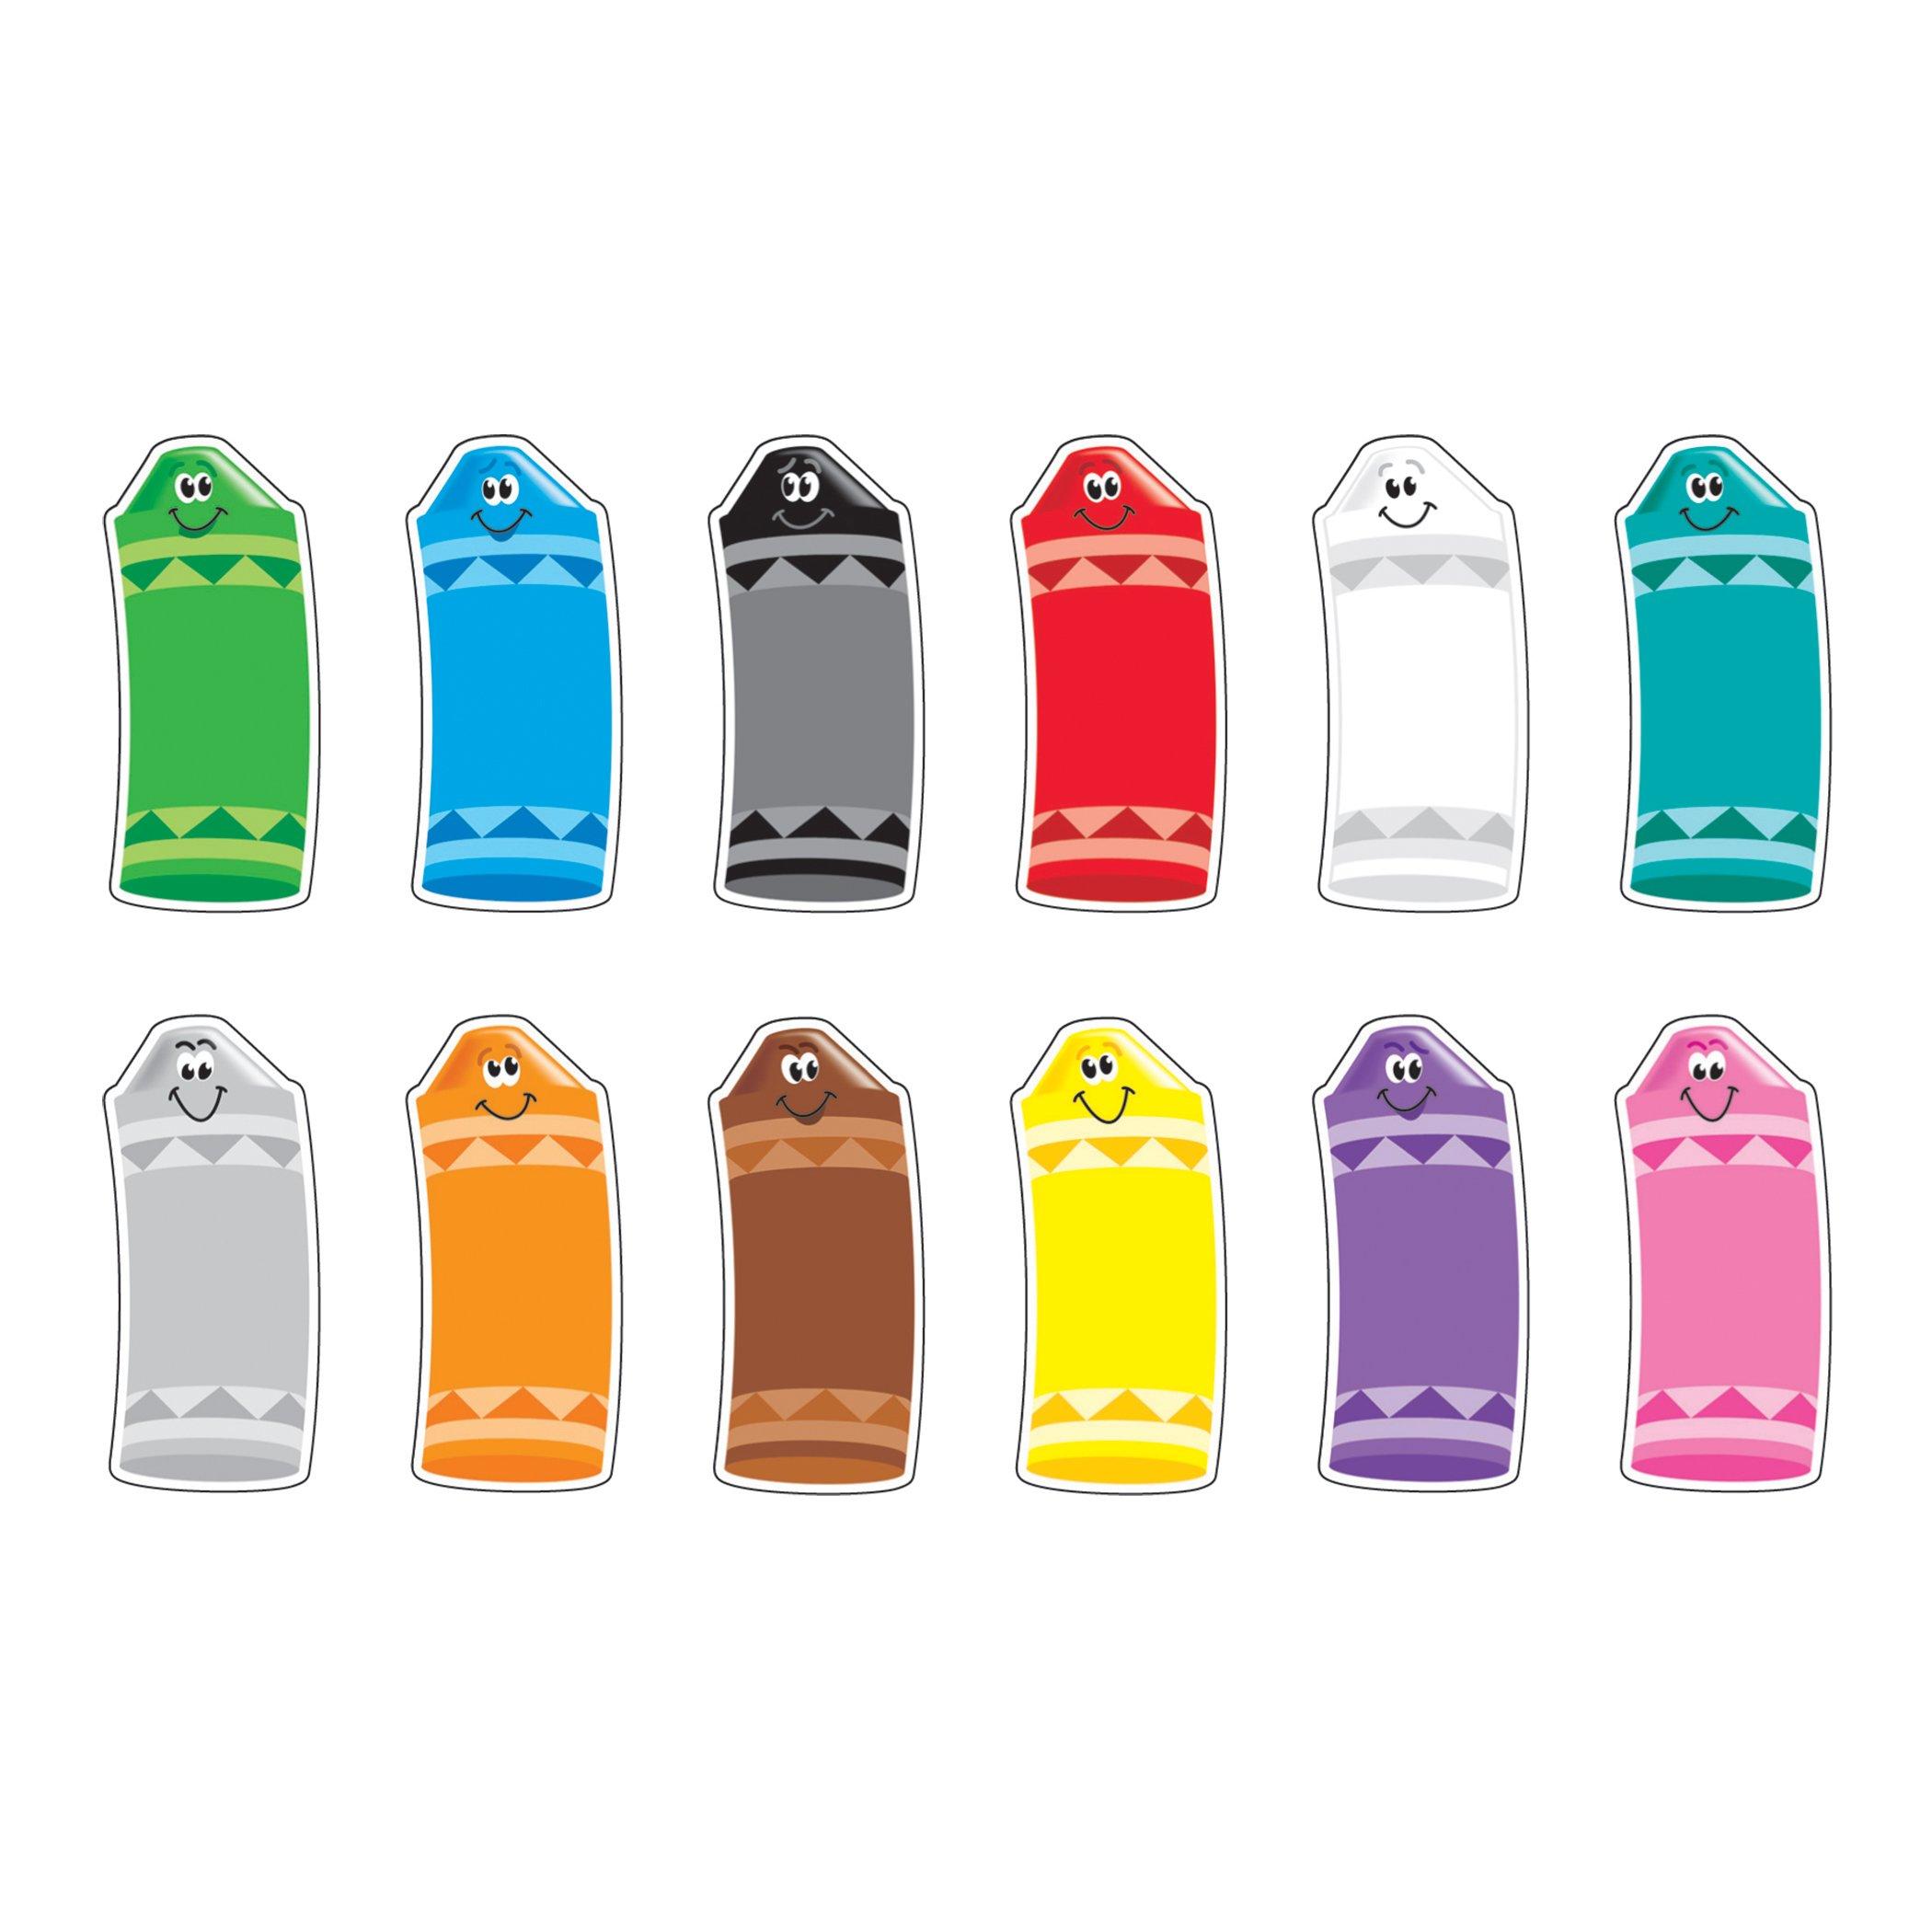 TREND enterprises, Inc. Crayon Colors Classic Accents Variety Pack, 72 ct by Trend Enterprises Inc